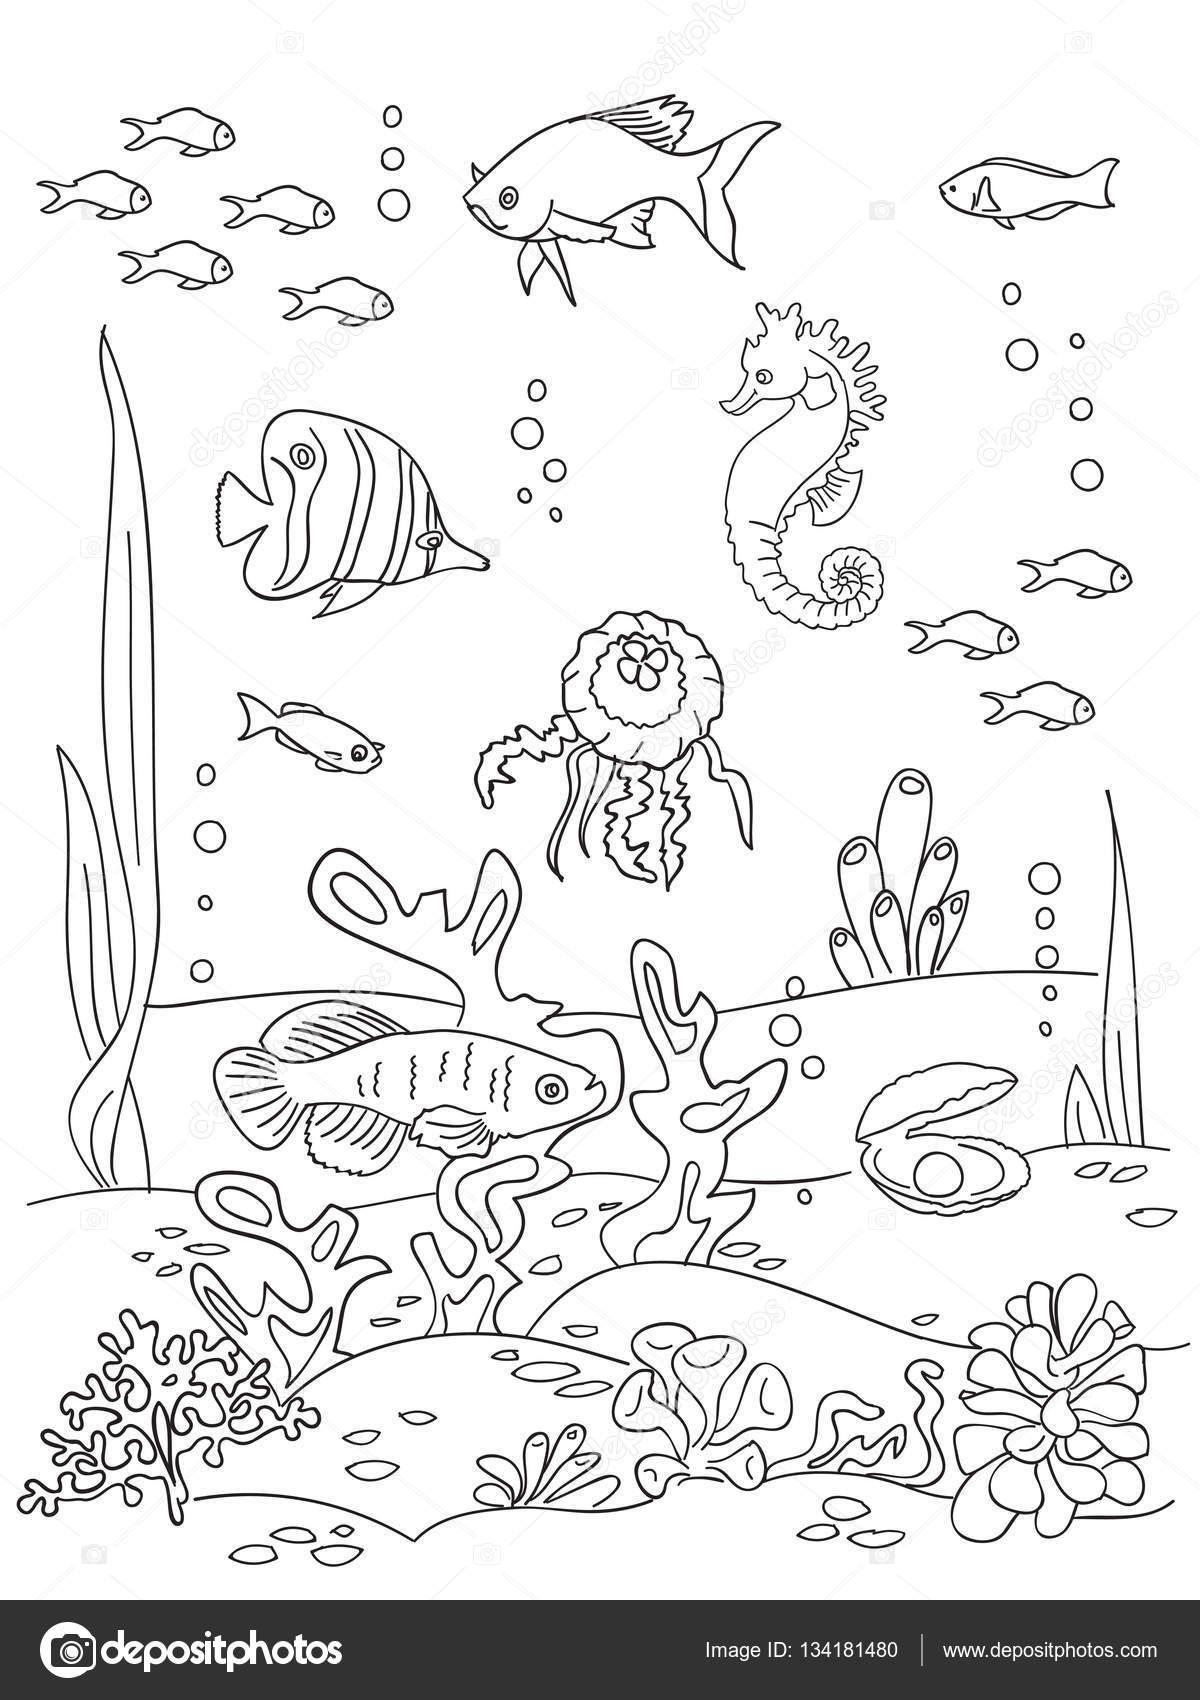 Ocean bottom sketch. — Stock Vector © NatalieBakunina